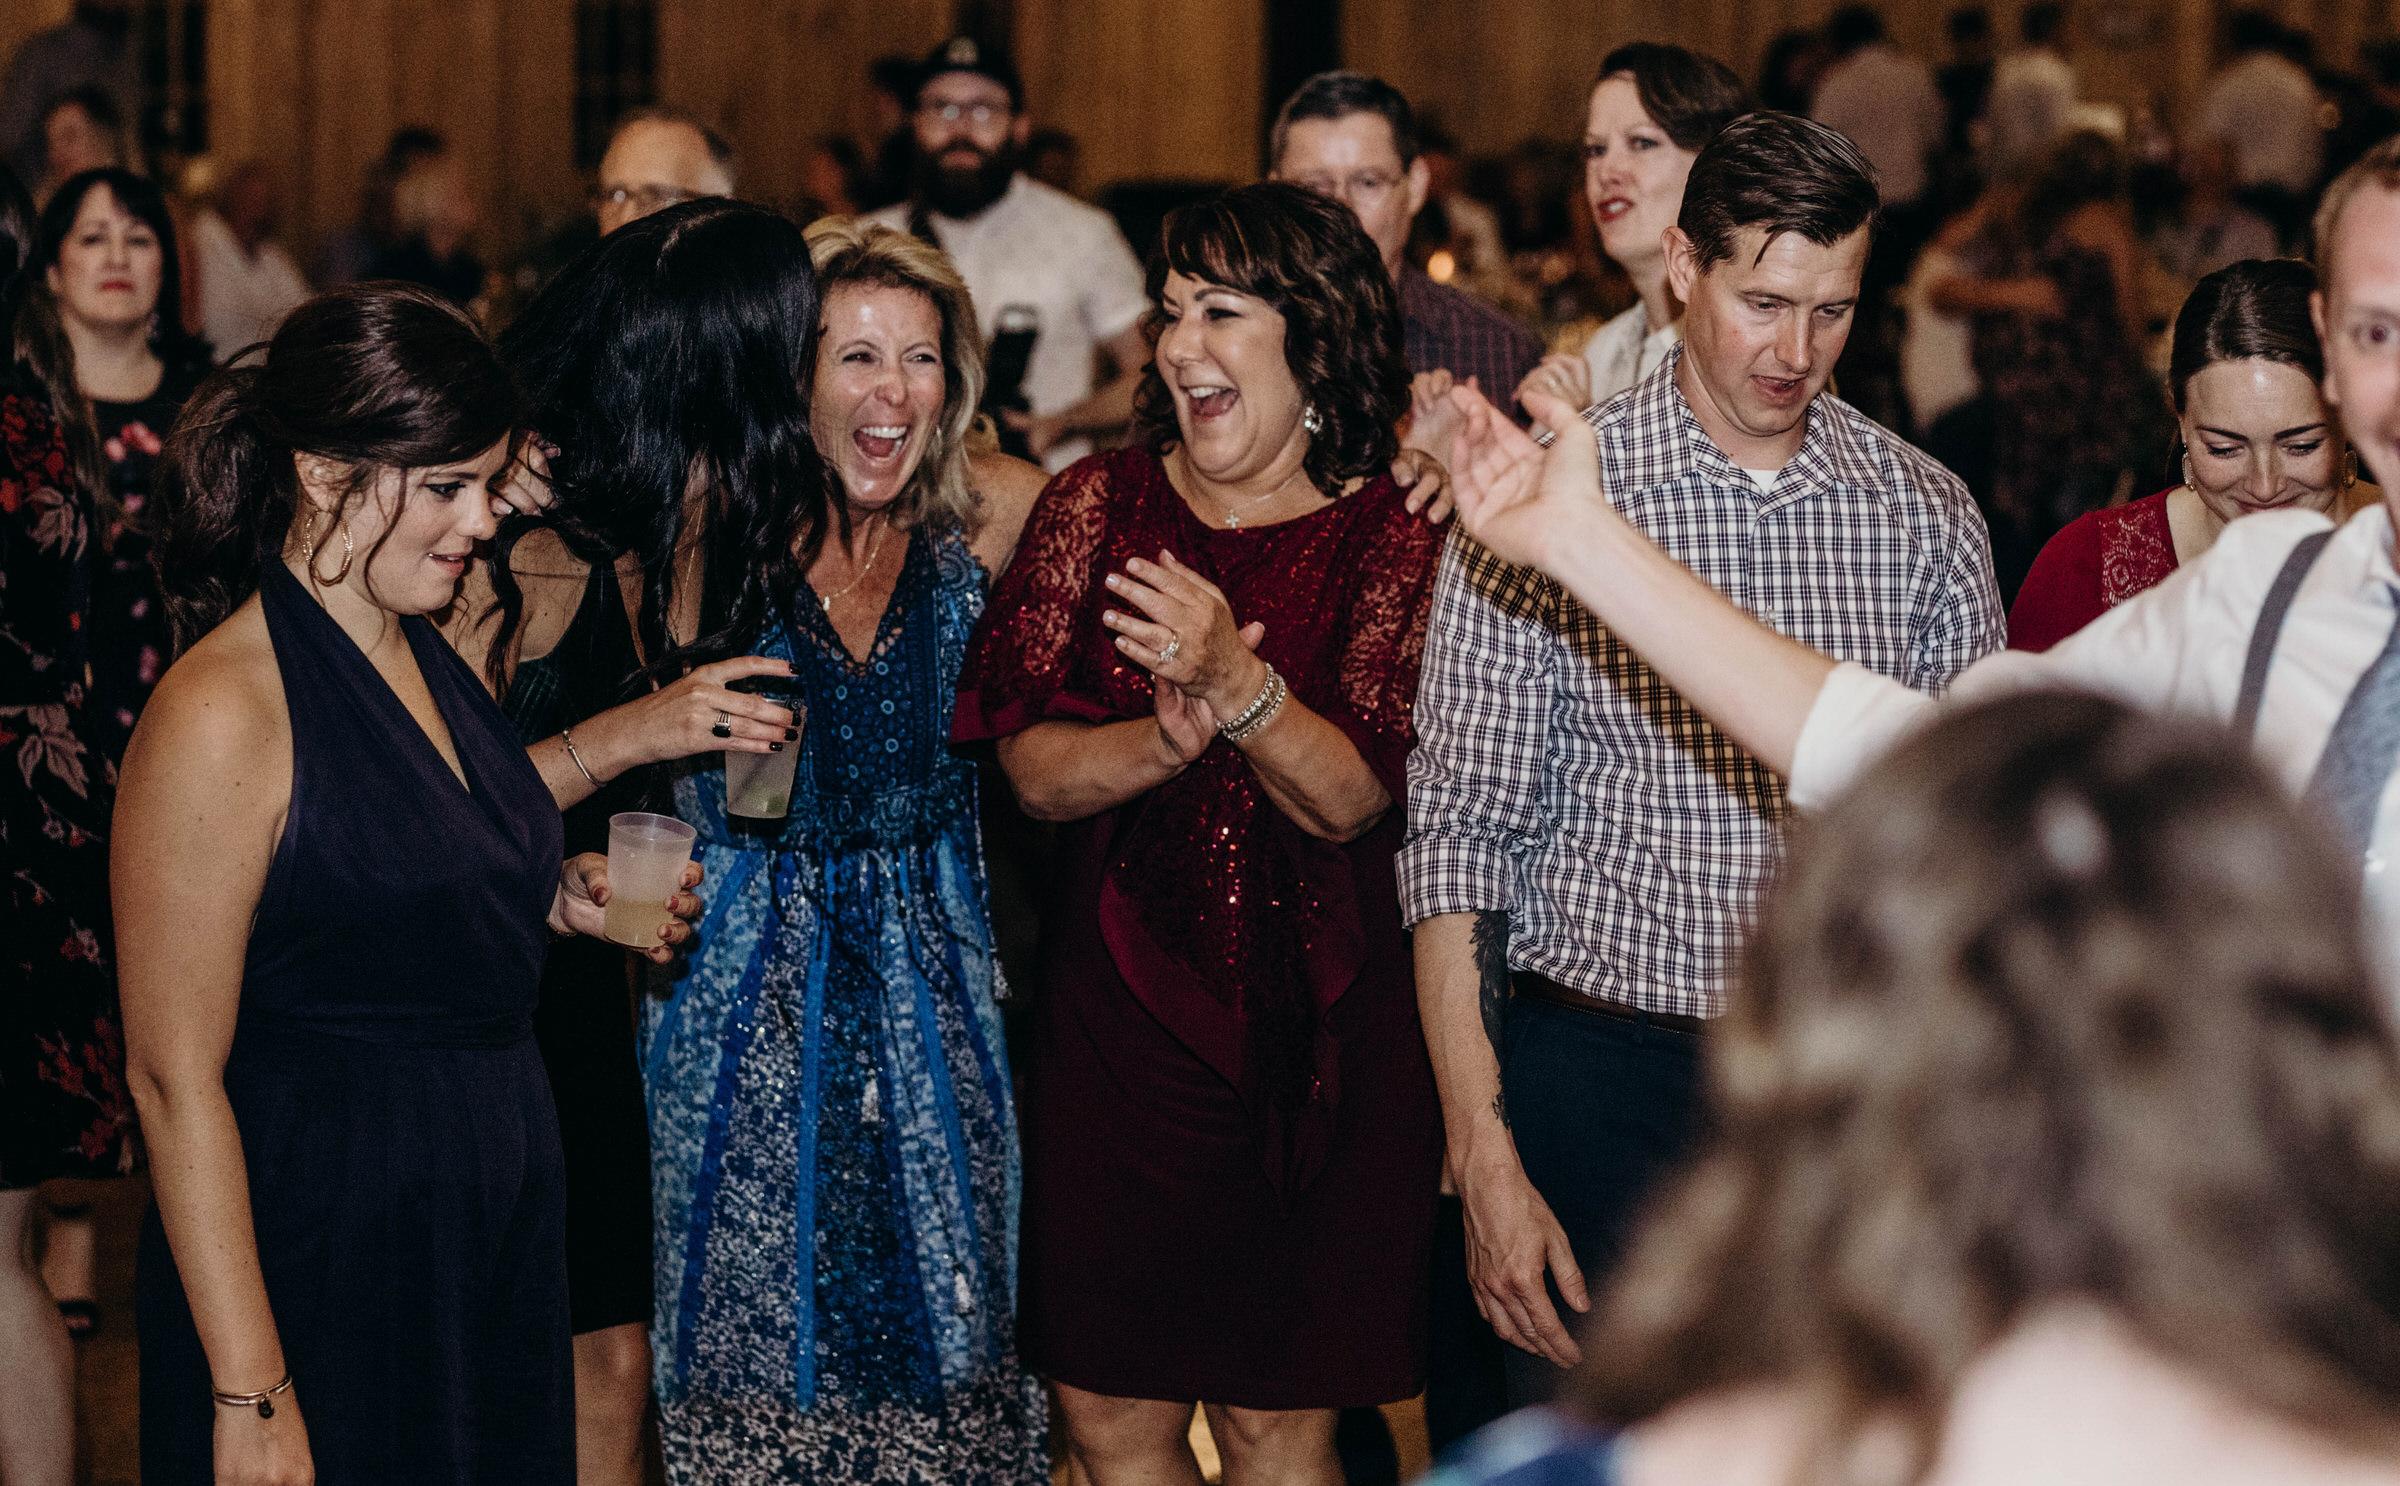 dietzen_aubrey-texas-the-springs-wedding_032-1.jpg